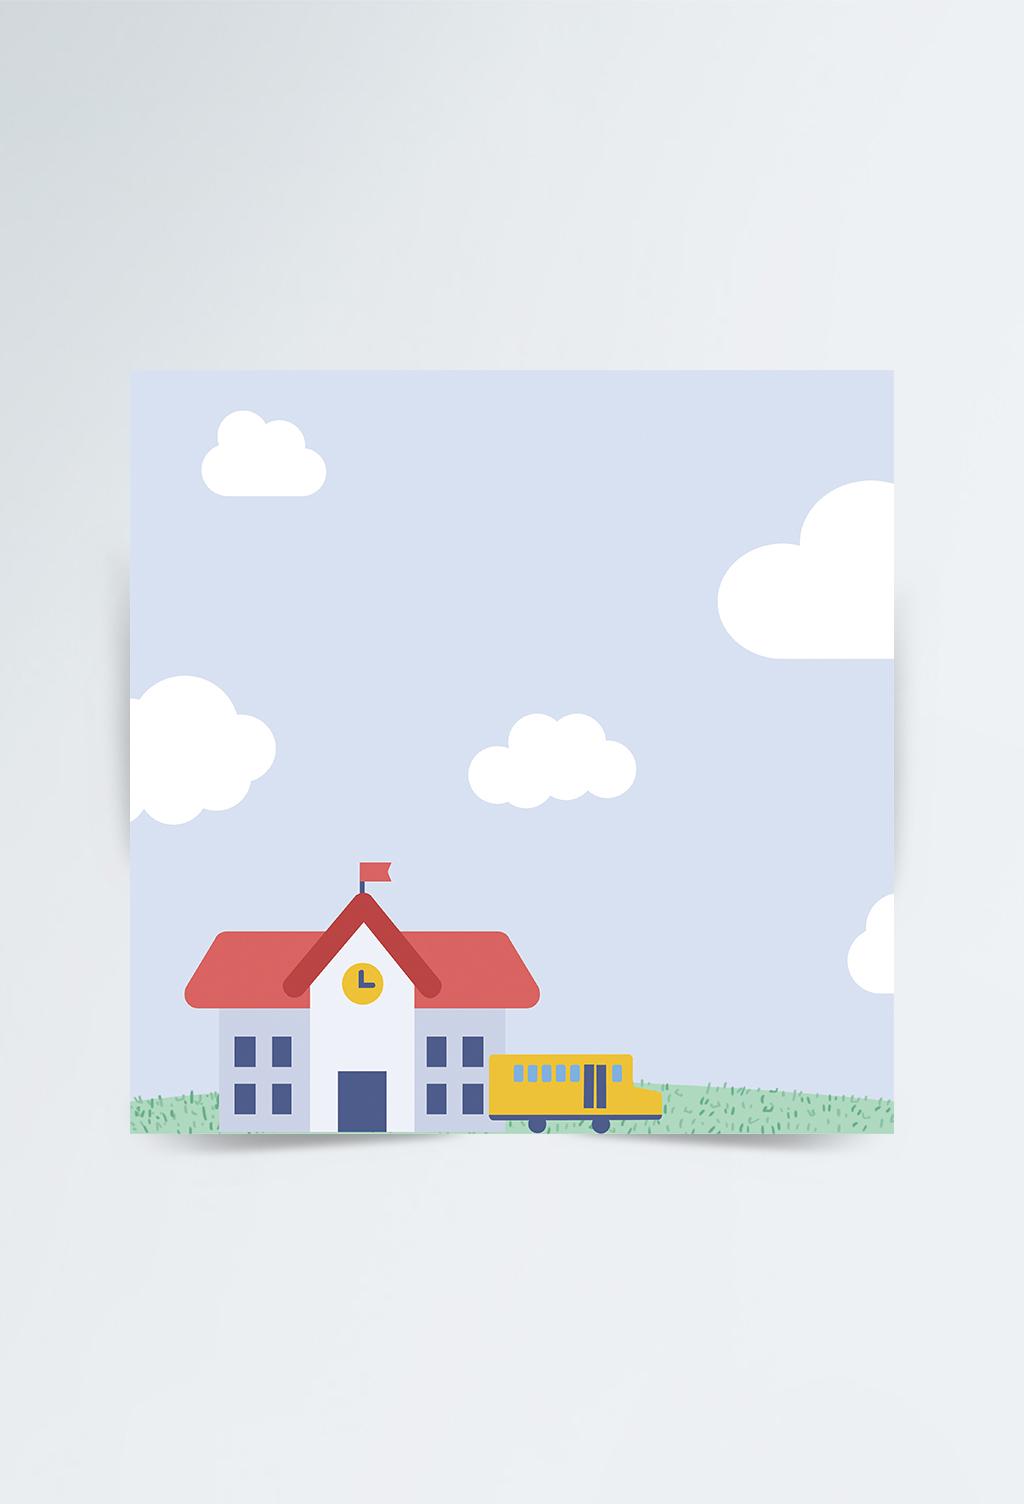 手绘简约卡通开学季风景校园背景素材